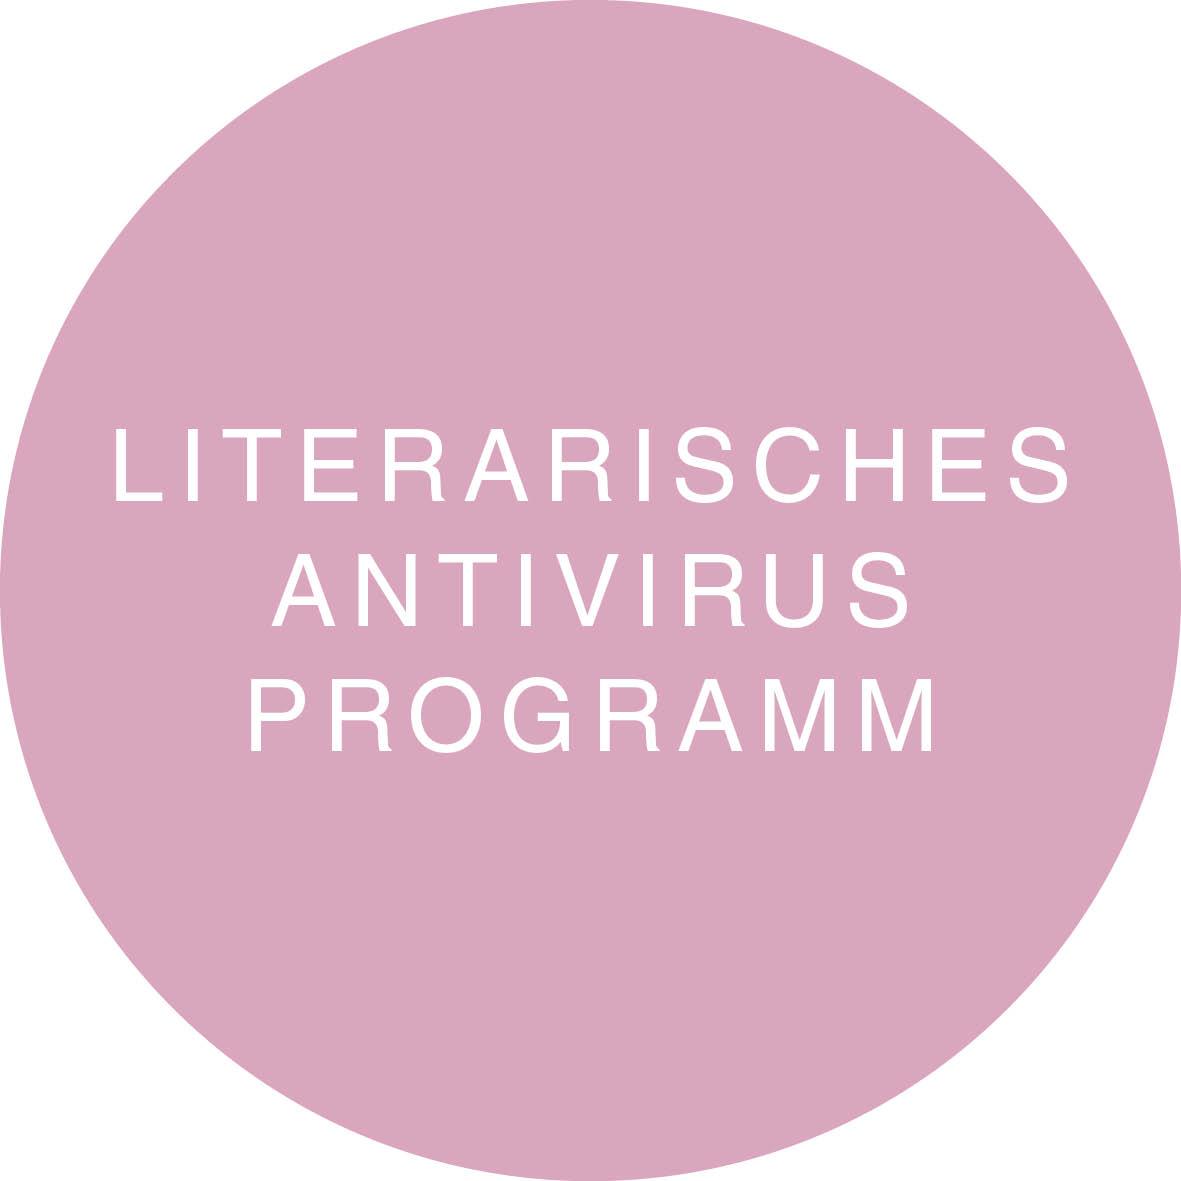 LITERARISCHES ANTIVIRUS PROGRAMM